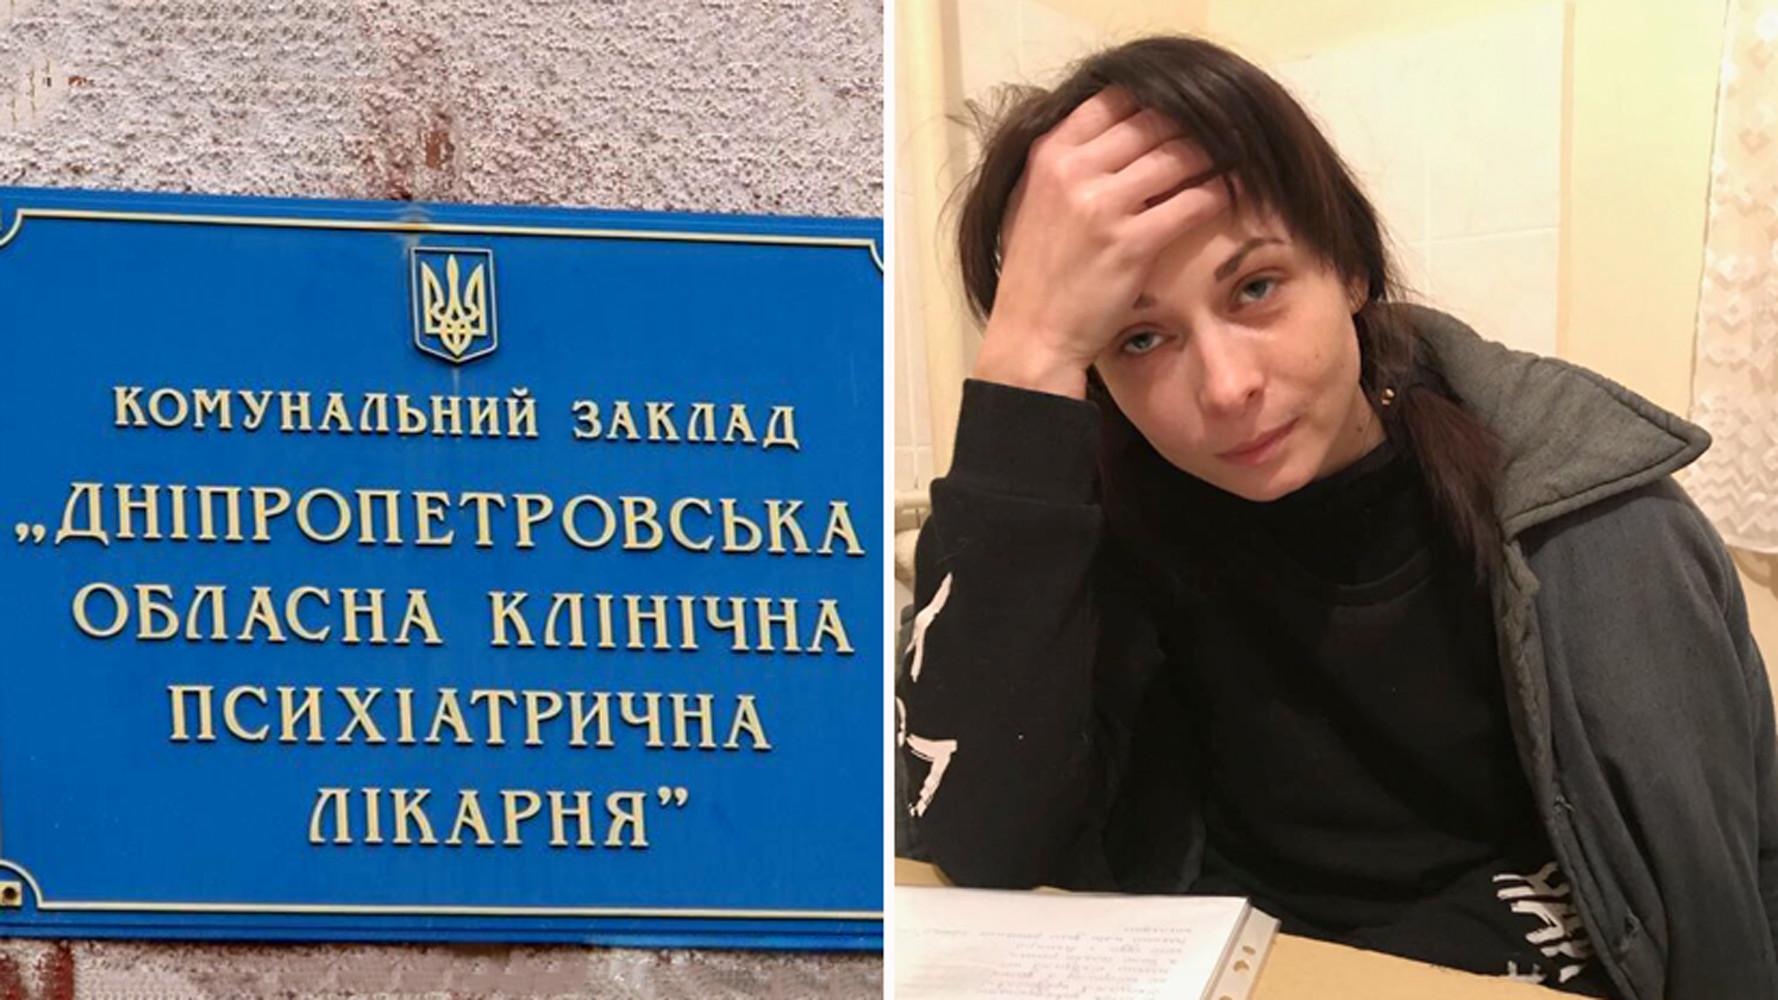 «Хуже, чем в концлагере»: обвиняемая на Украине в госизмене Дарья Мастикашева пожаловалась на содержание в психбольнице